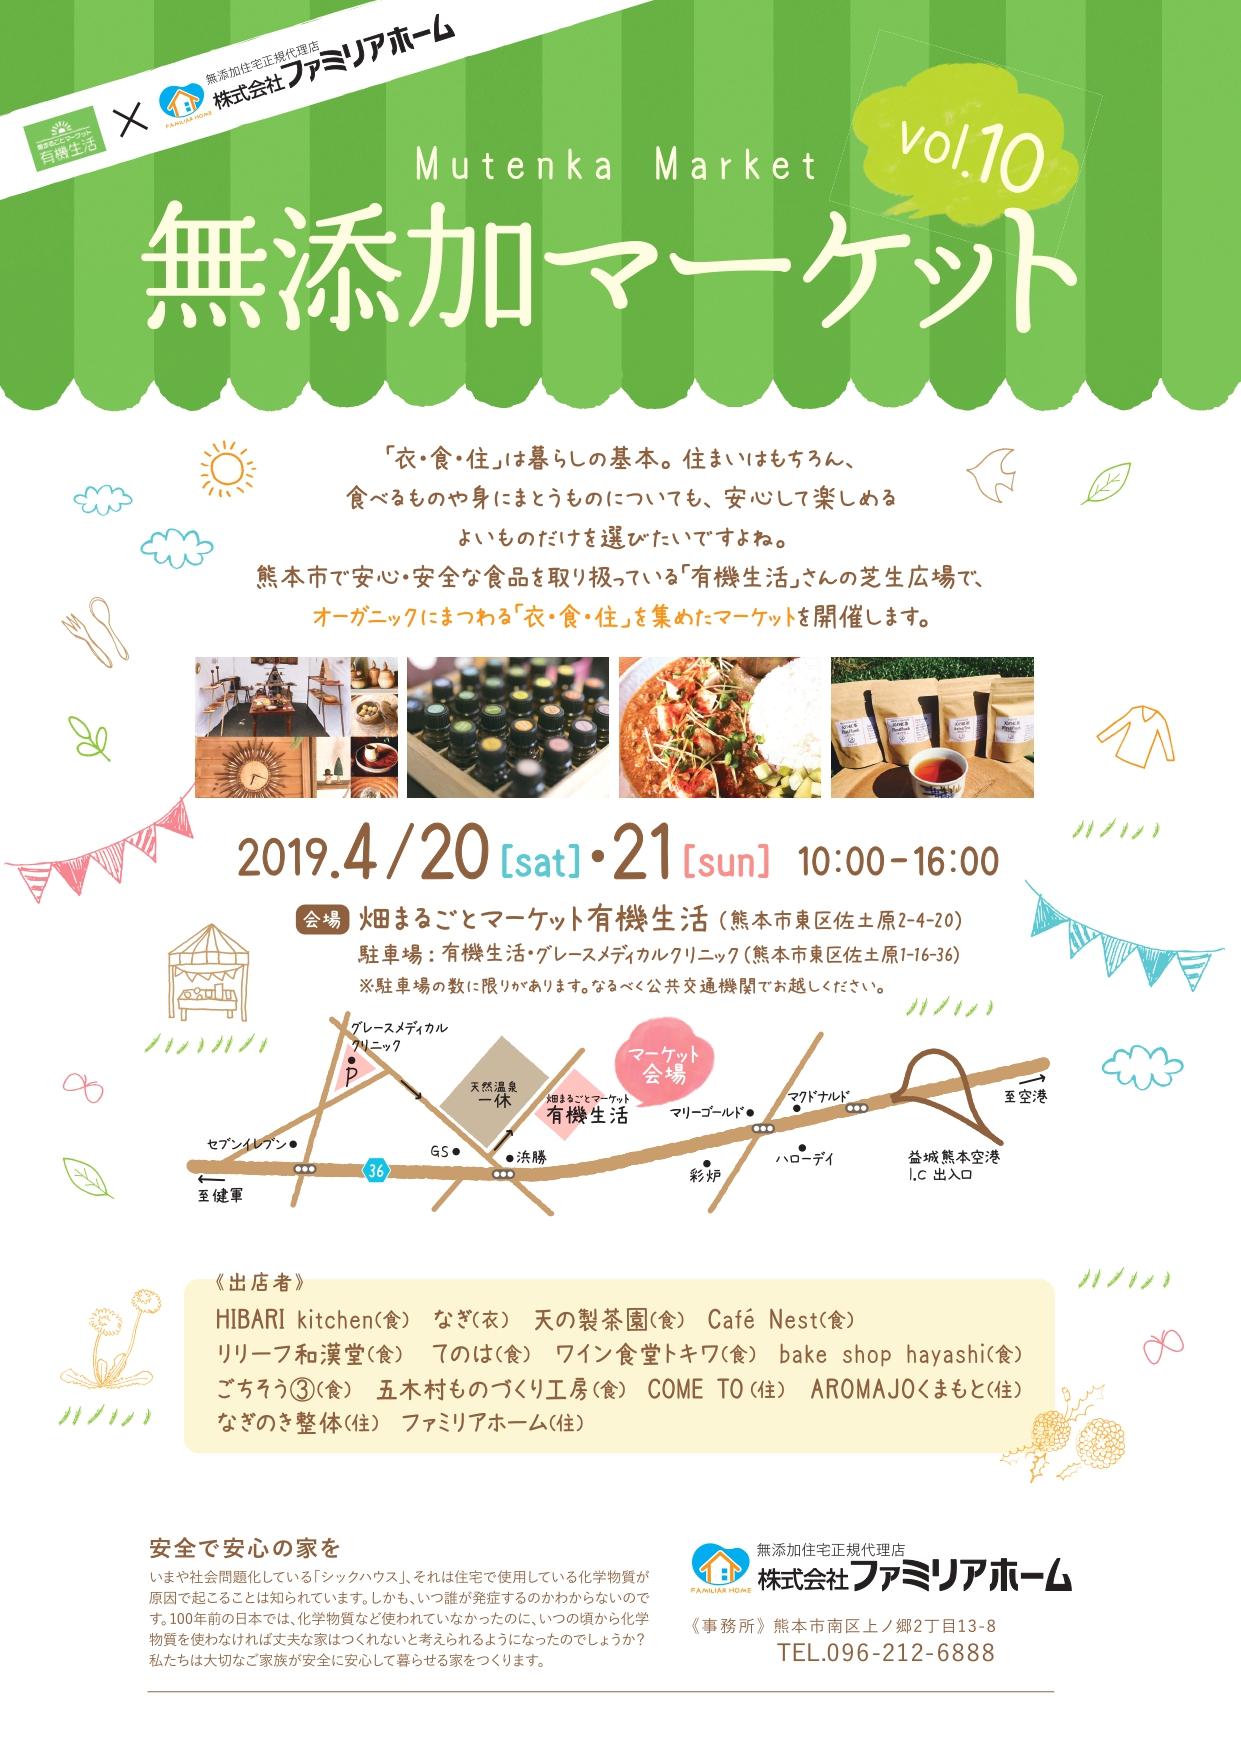 無添加マーケットのパンフレット表|熊本の注文住宅工務店ファミリアホーム